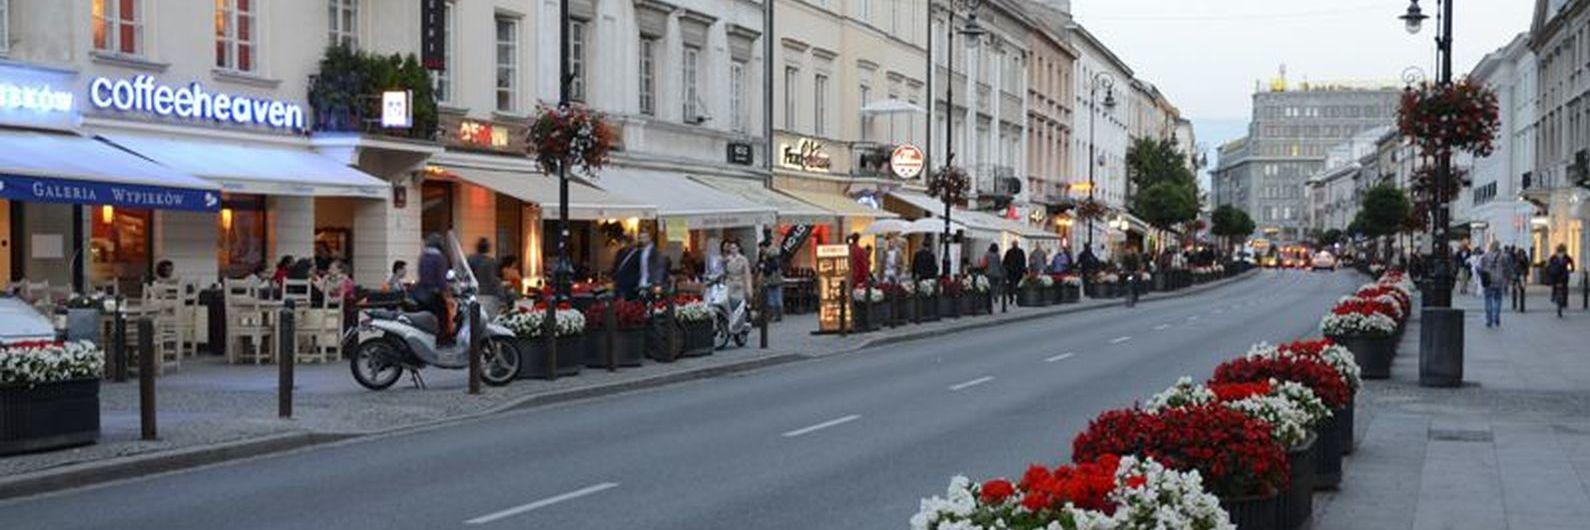 Varsóvia: saborear um café na capital da vodca